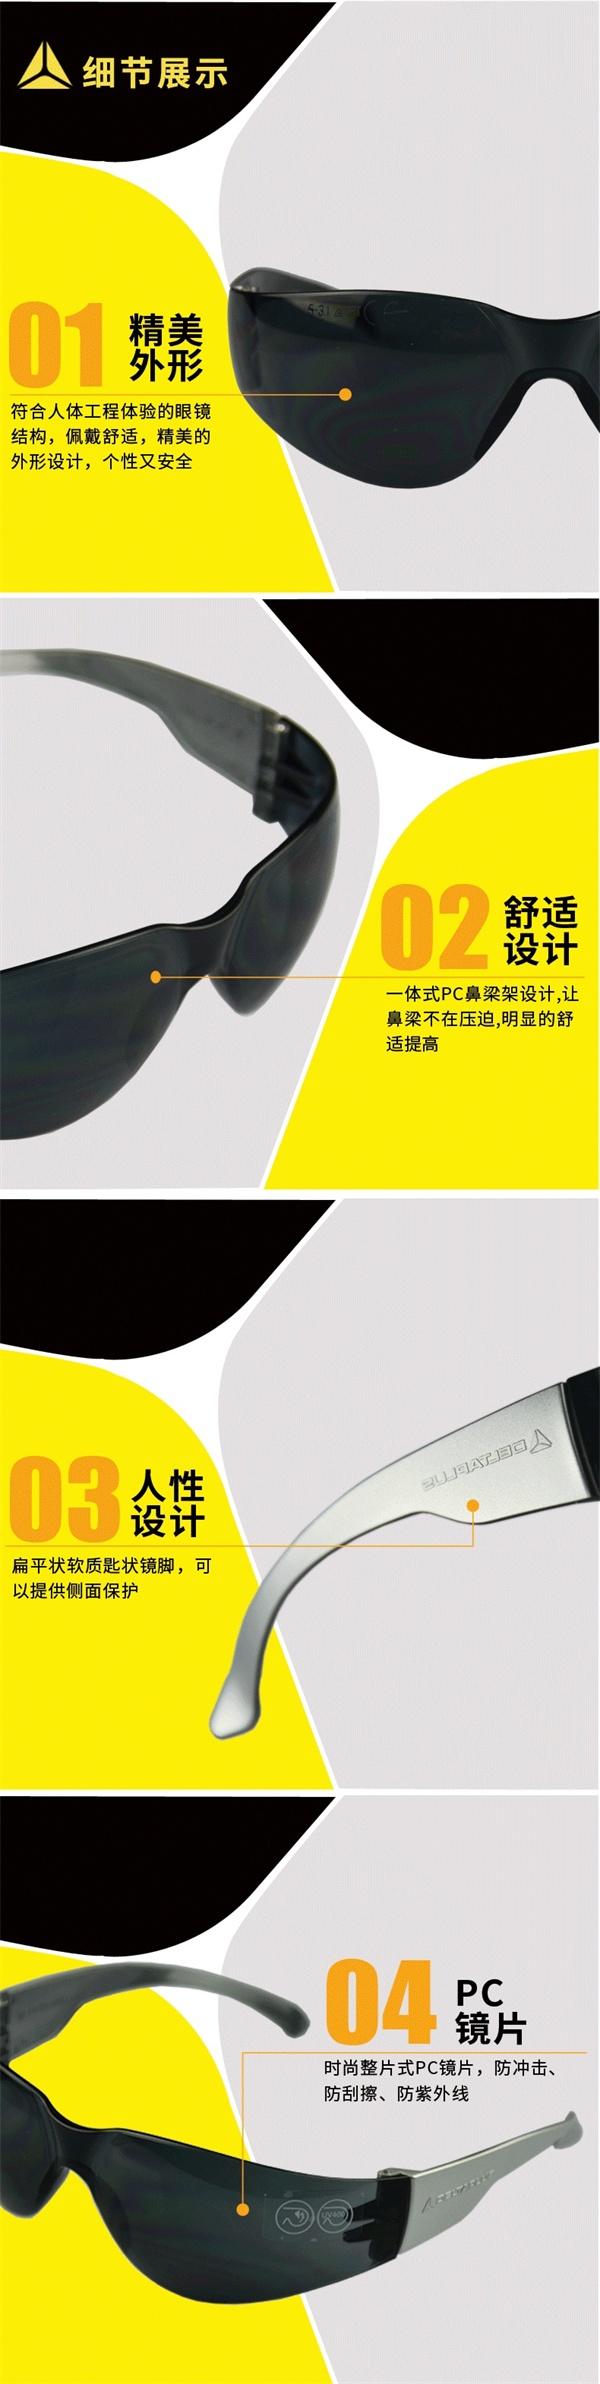 代尔塔101118 全贴面弧形整片式聚碳酸酯防护眼镜